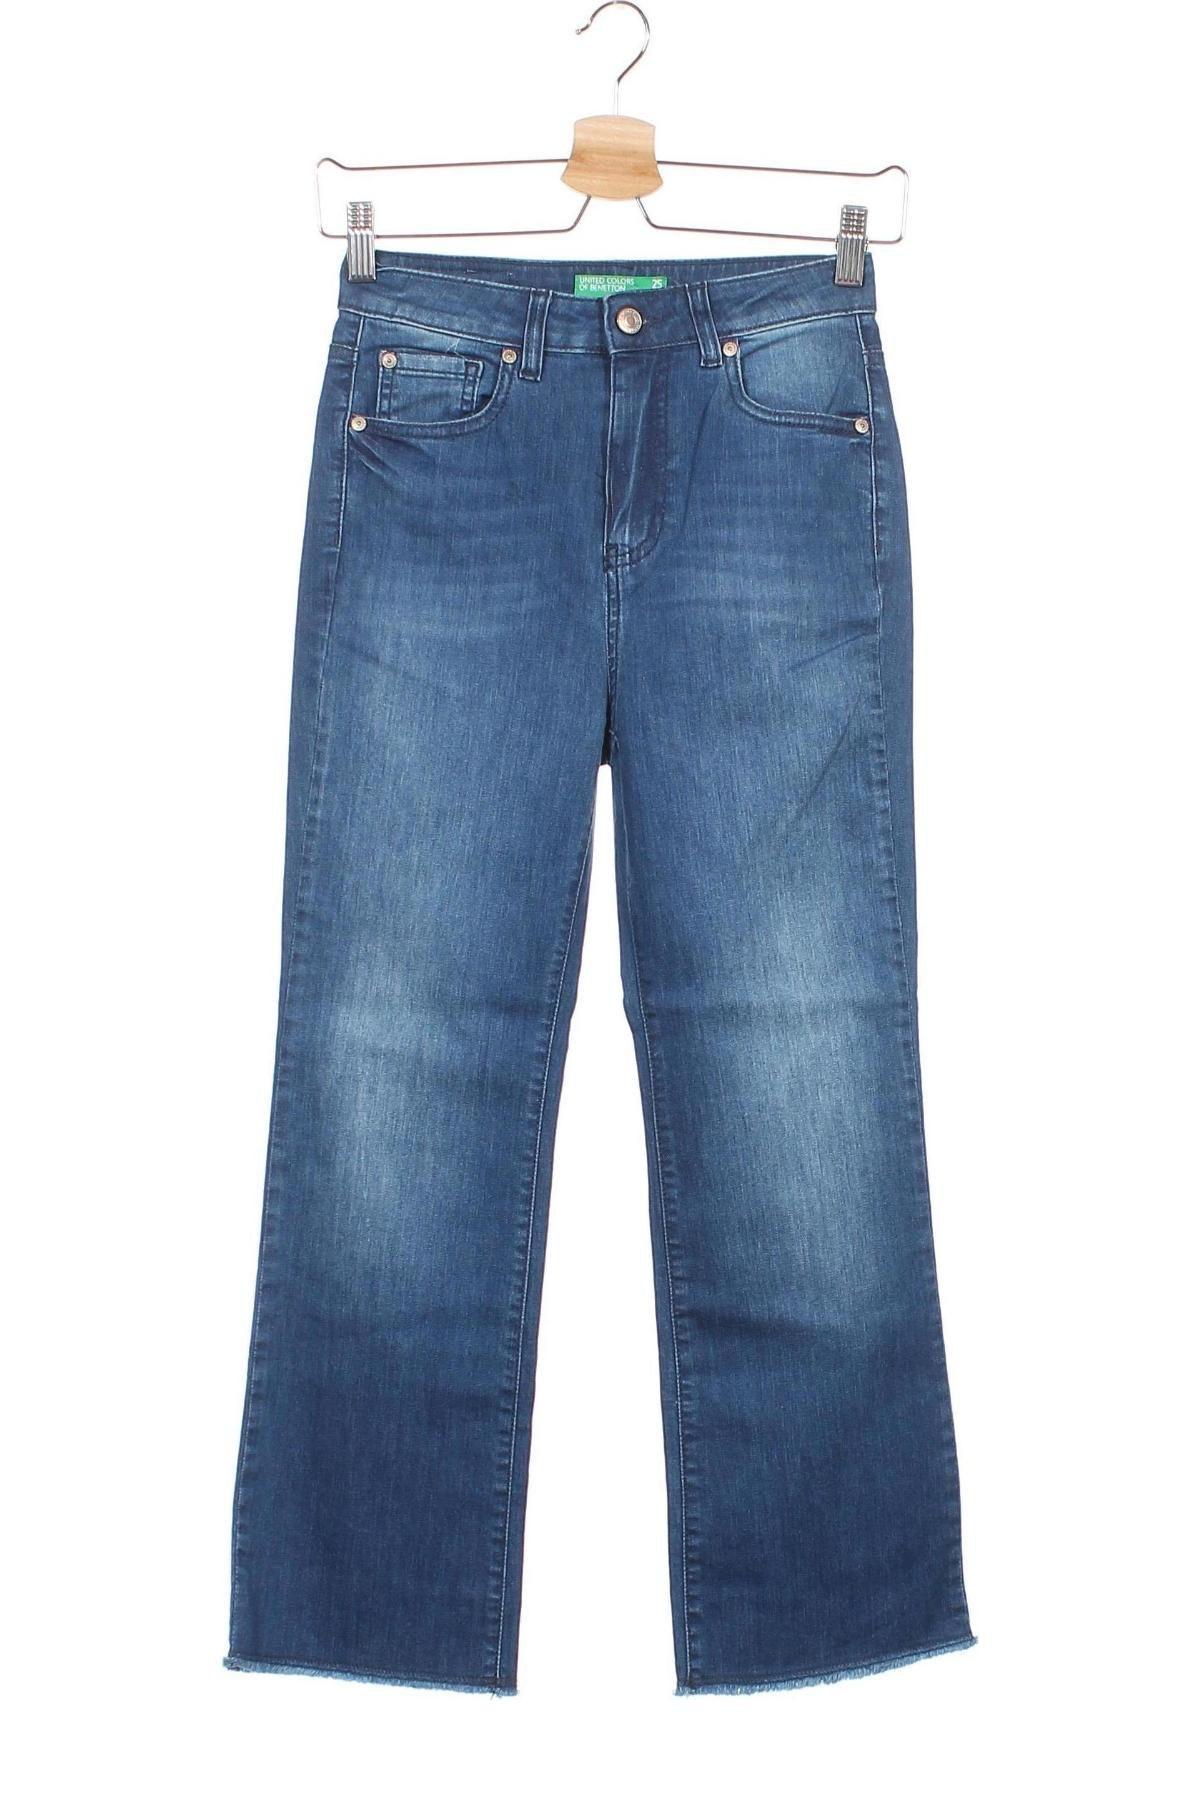 Дамски дънки United Colors Of Benetton, Размер XS, Цвят Син, 97% памук, 3% еластан, Цена 9,78лв.